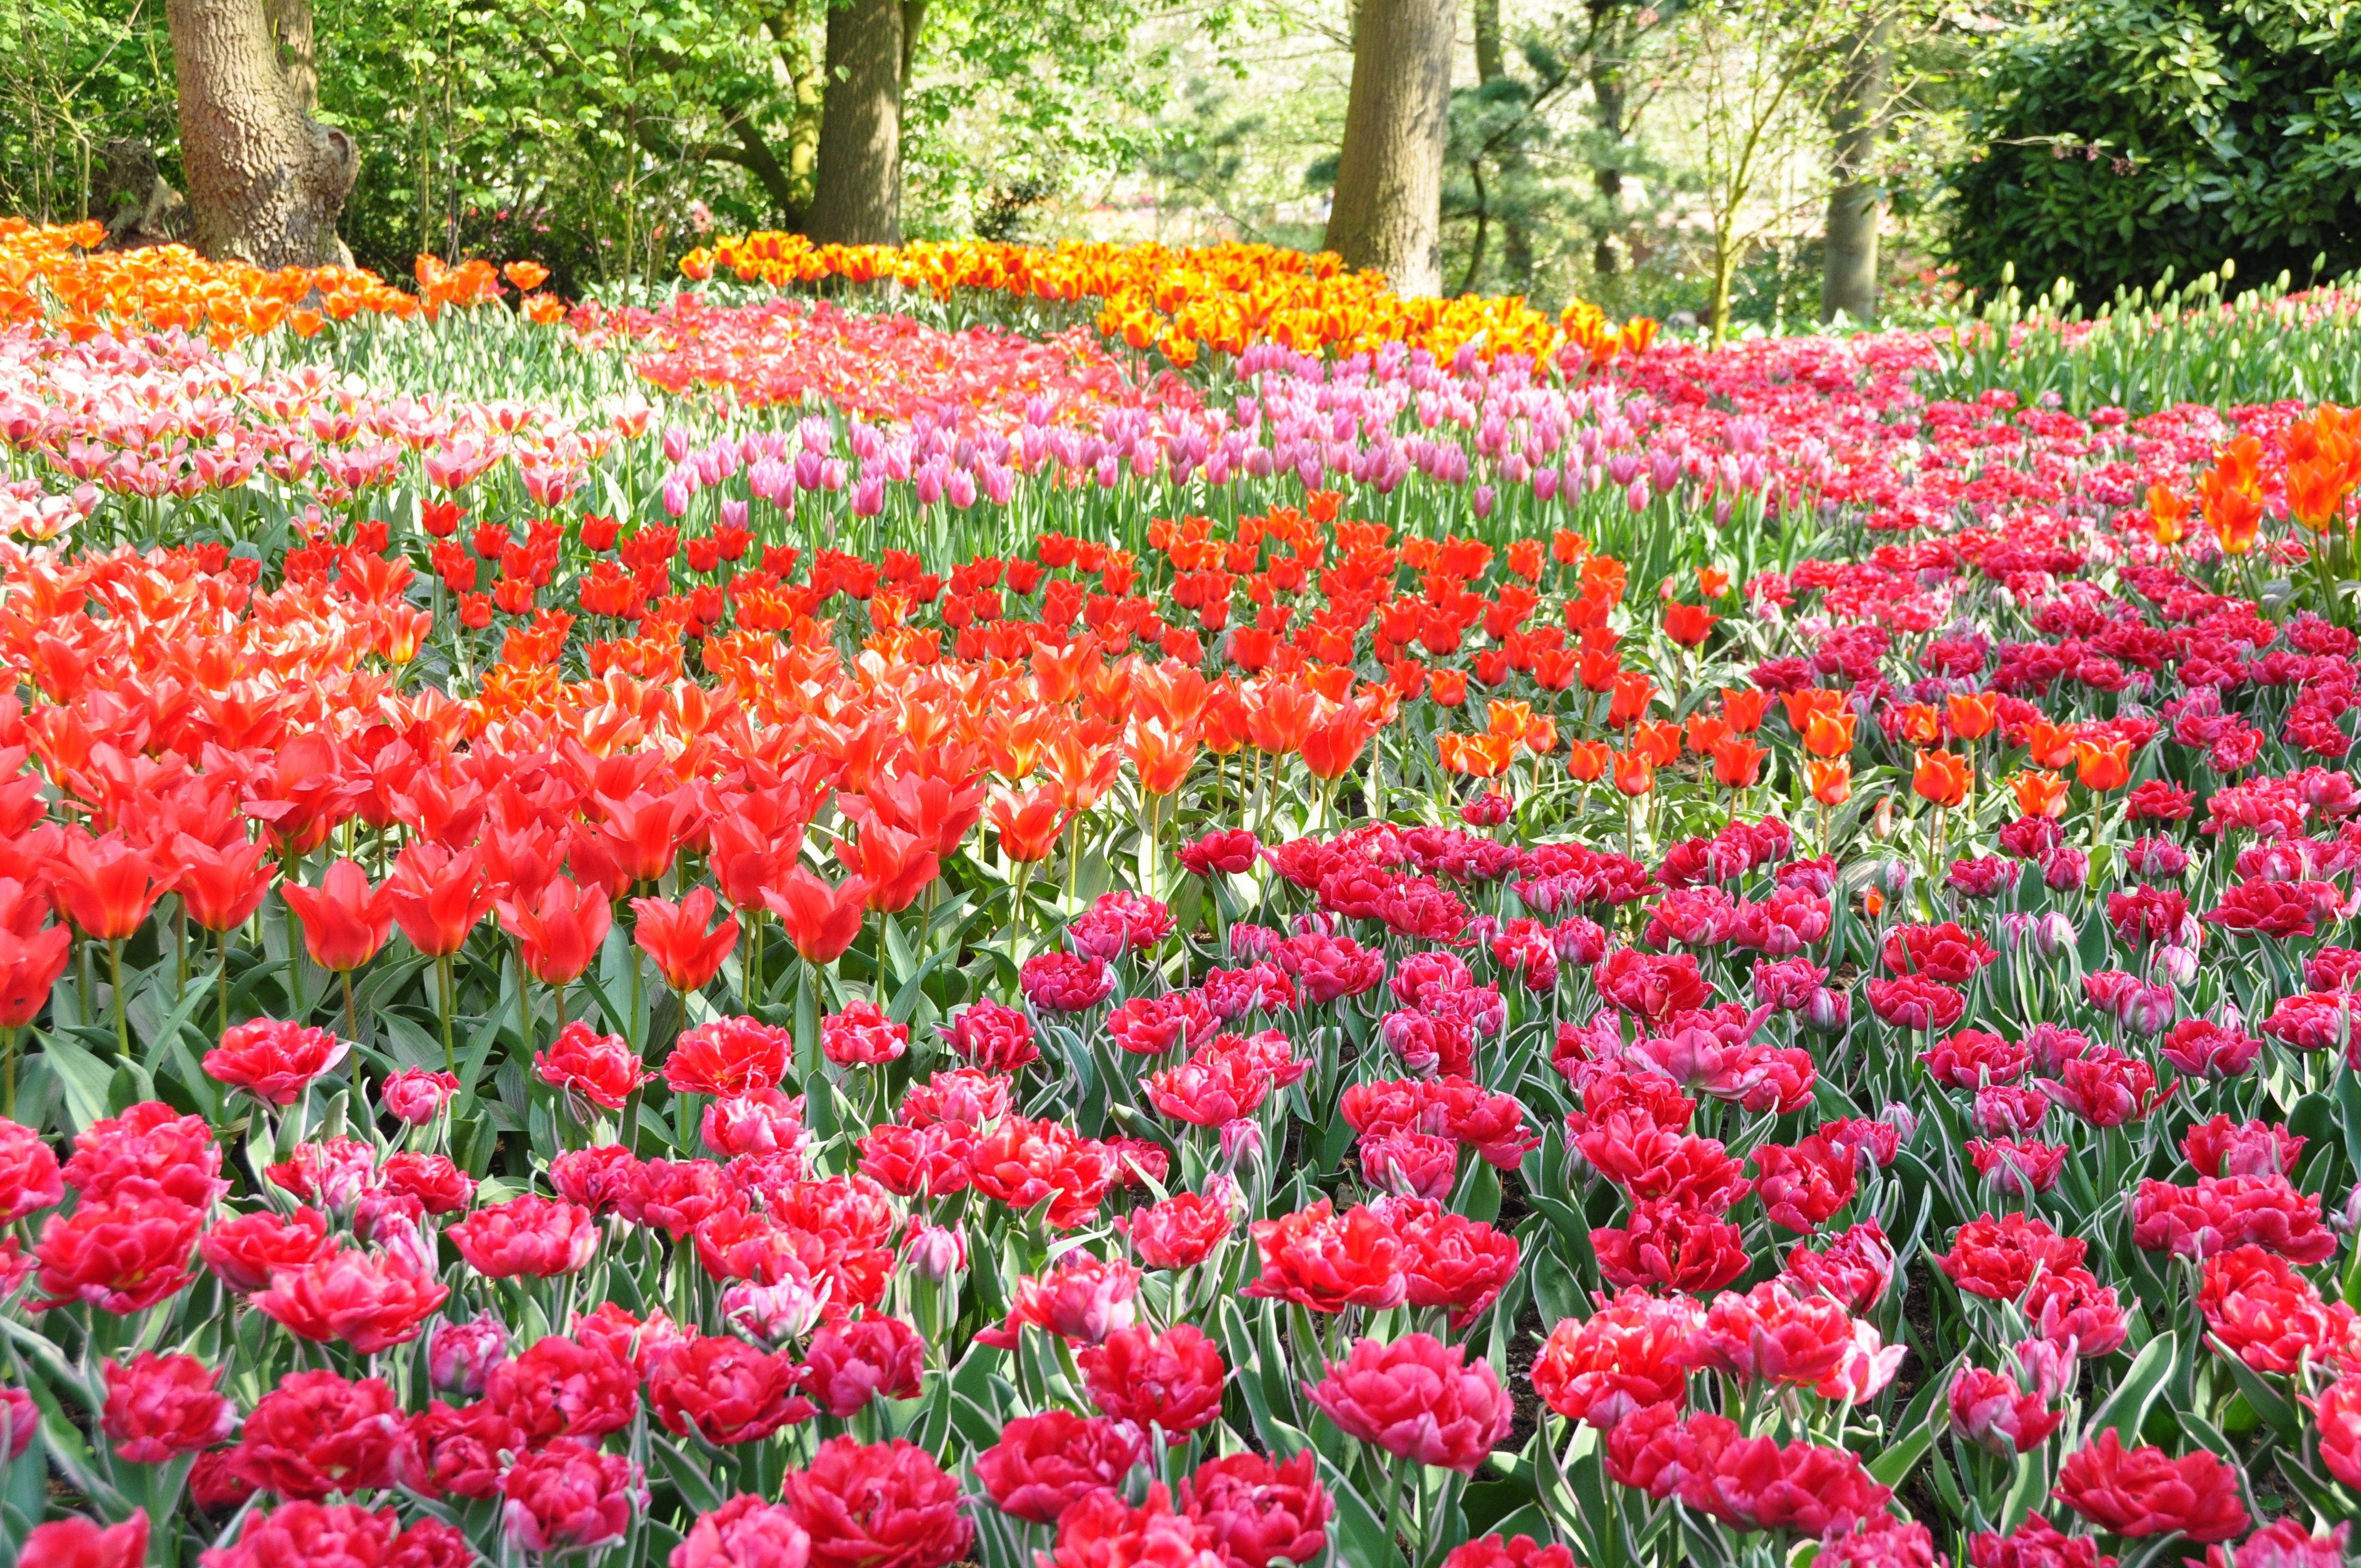 Flower Garden in Park Computer Wallpapers Desktop 4288x2848